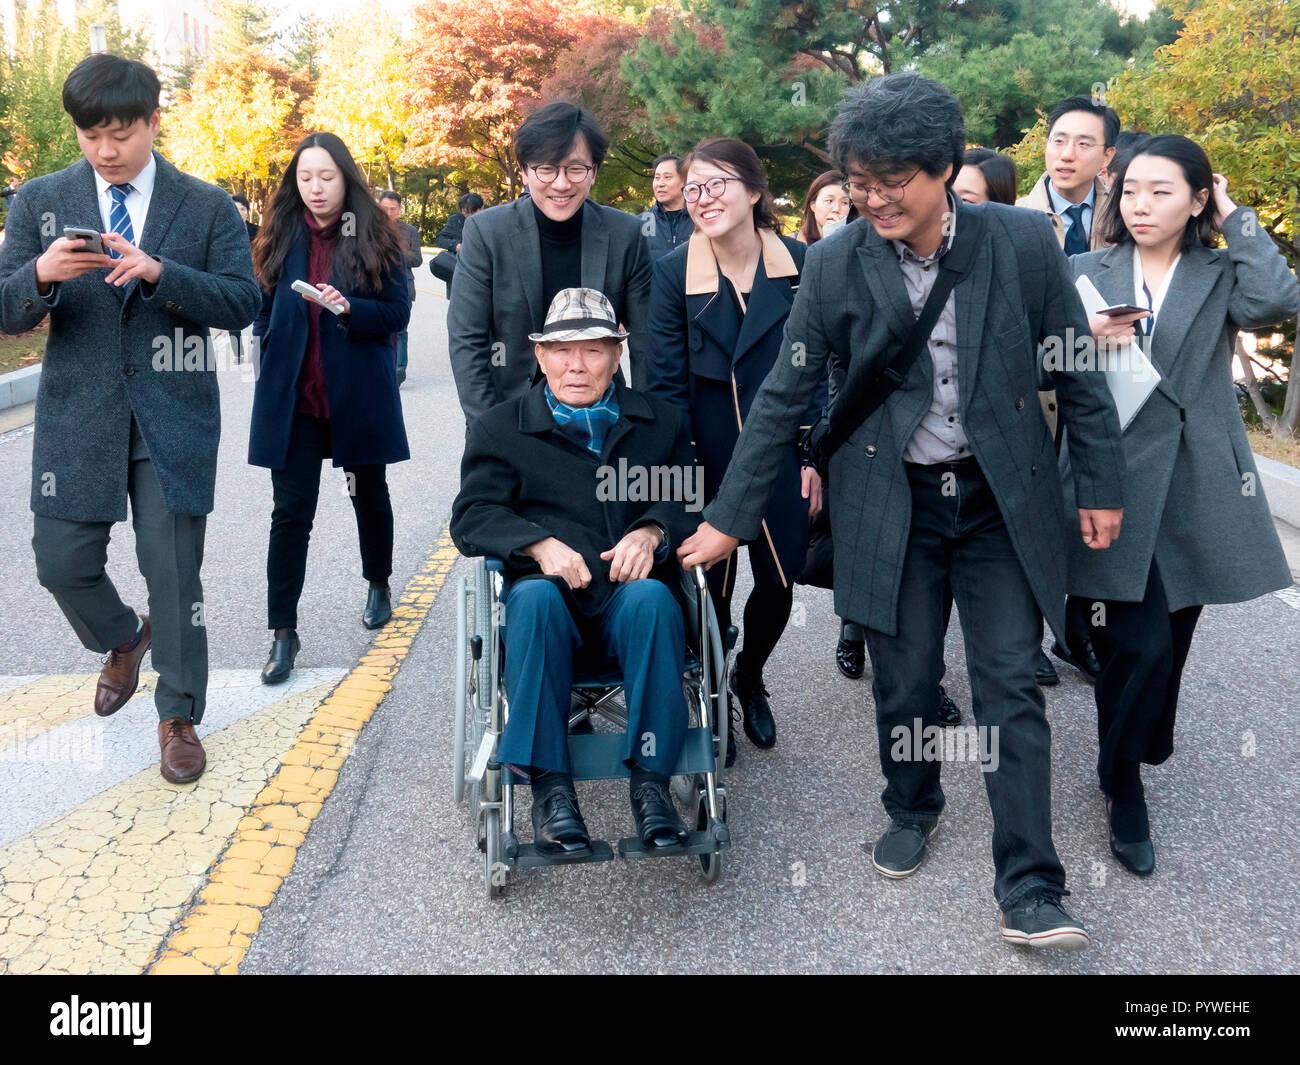 Séoul, Corée du Sud. 30Th Oct, 2018. Lee, Chun-Sik Oct 30, 2018: Lee Chun-Sik (C, 94), une victime du travail forcé pendant la colonisation japonaise de la Corée à partir de 1910-45, quitte la Cour suprême de Corée du Sud à Séoul, Corée du Sud, après que la Cour suprême a confirmé une décision de 2013 sur les actions en dommages et intérêts déposée par quatre victimes de la Corée du Sud du Japon. La Cour suprême a ordonné le Japon Nippon Steel & Sumitomo Metal Corp. (le NSSM) de verser à chaque victime 100 millions de wons (87 720 dollars) à titre d'indemnisation, les médias locaux ont rapporté. Qu'une des quatre victimes qui ont commencé le procès en 2005 reste en vie. C Photo Stock